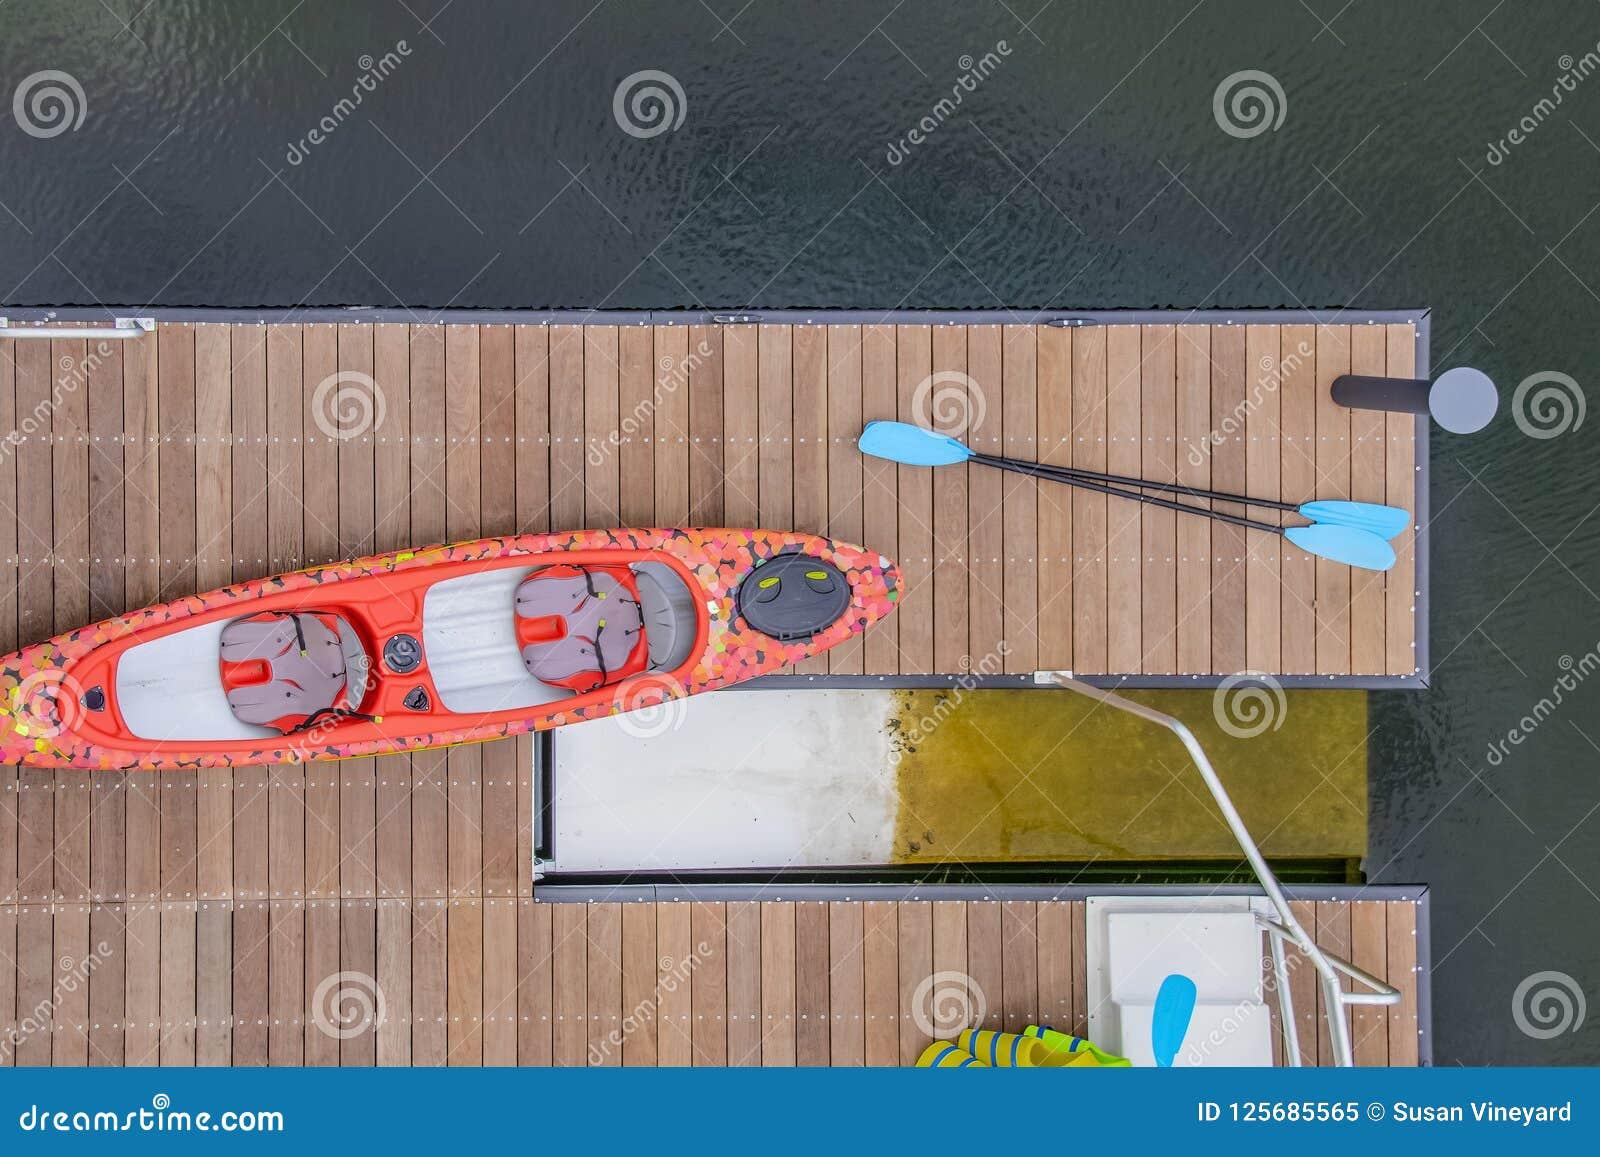 Het kijken neer op een dok in het water met een kayack en peddels en reddingsvesten naast een kayac lanching platform